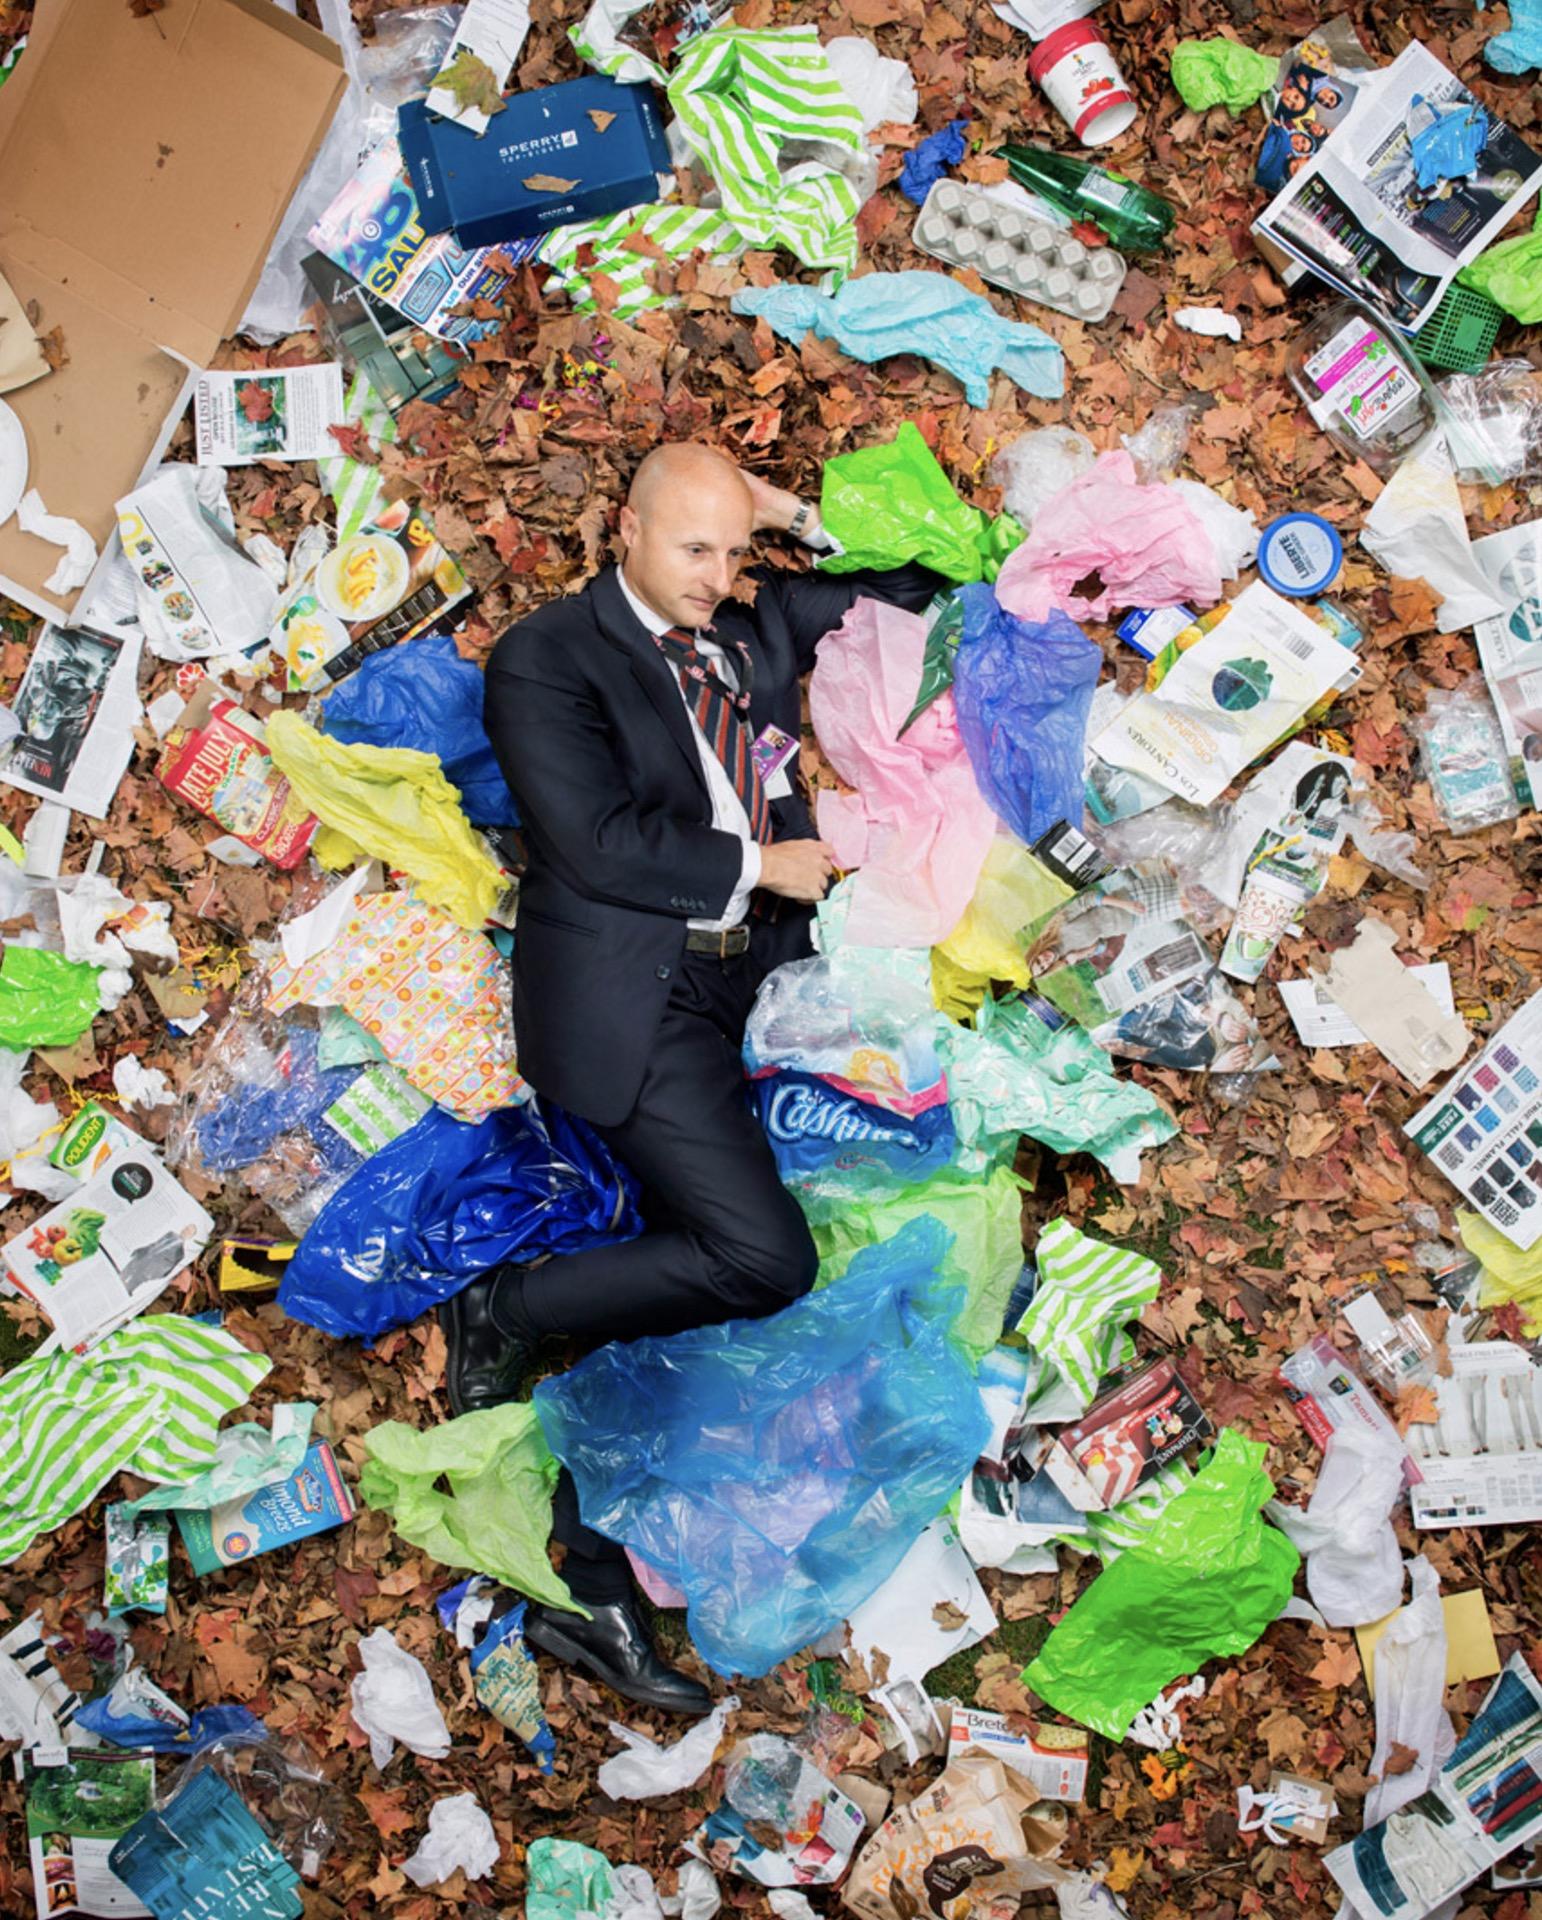 7 Days Of Garbage_Gregg Segal_organiconcrete_21